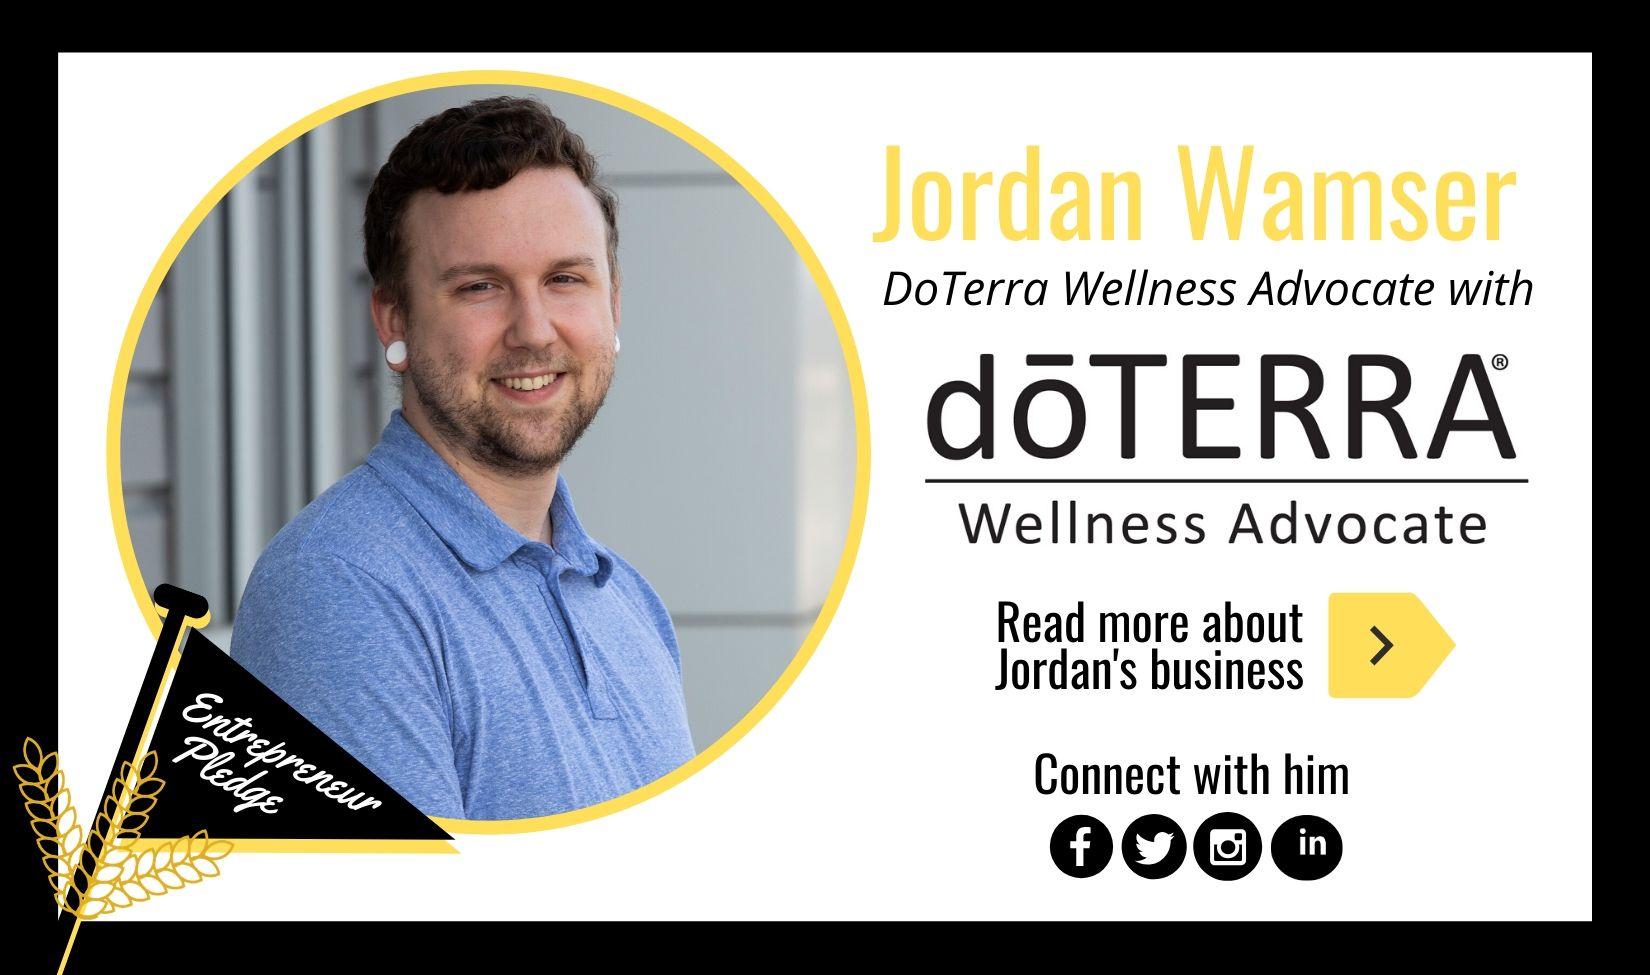 Jordan Wamser